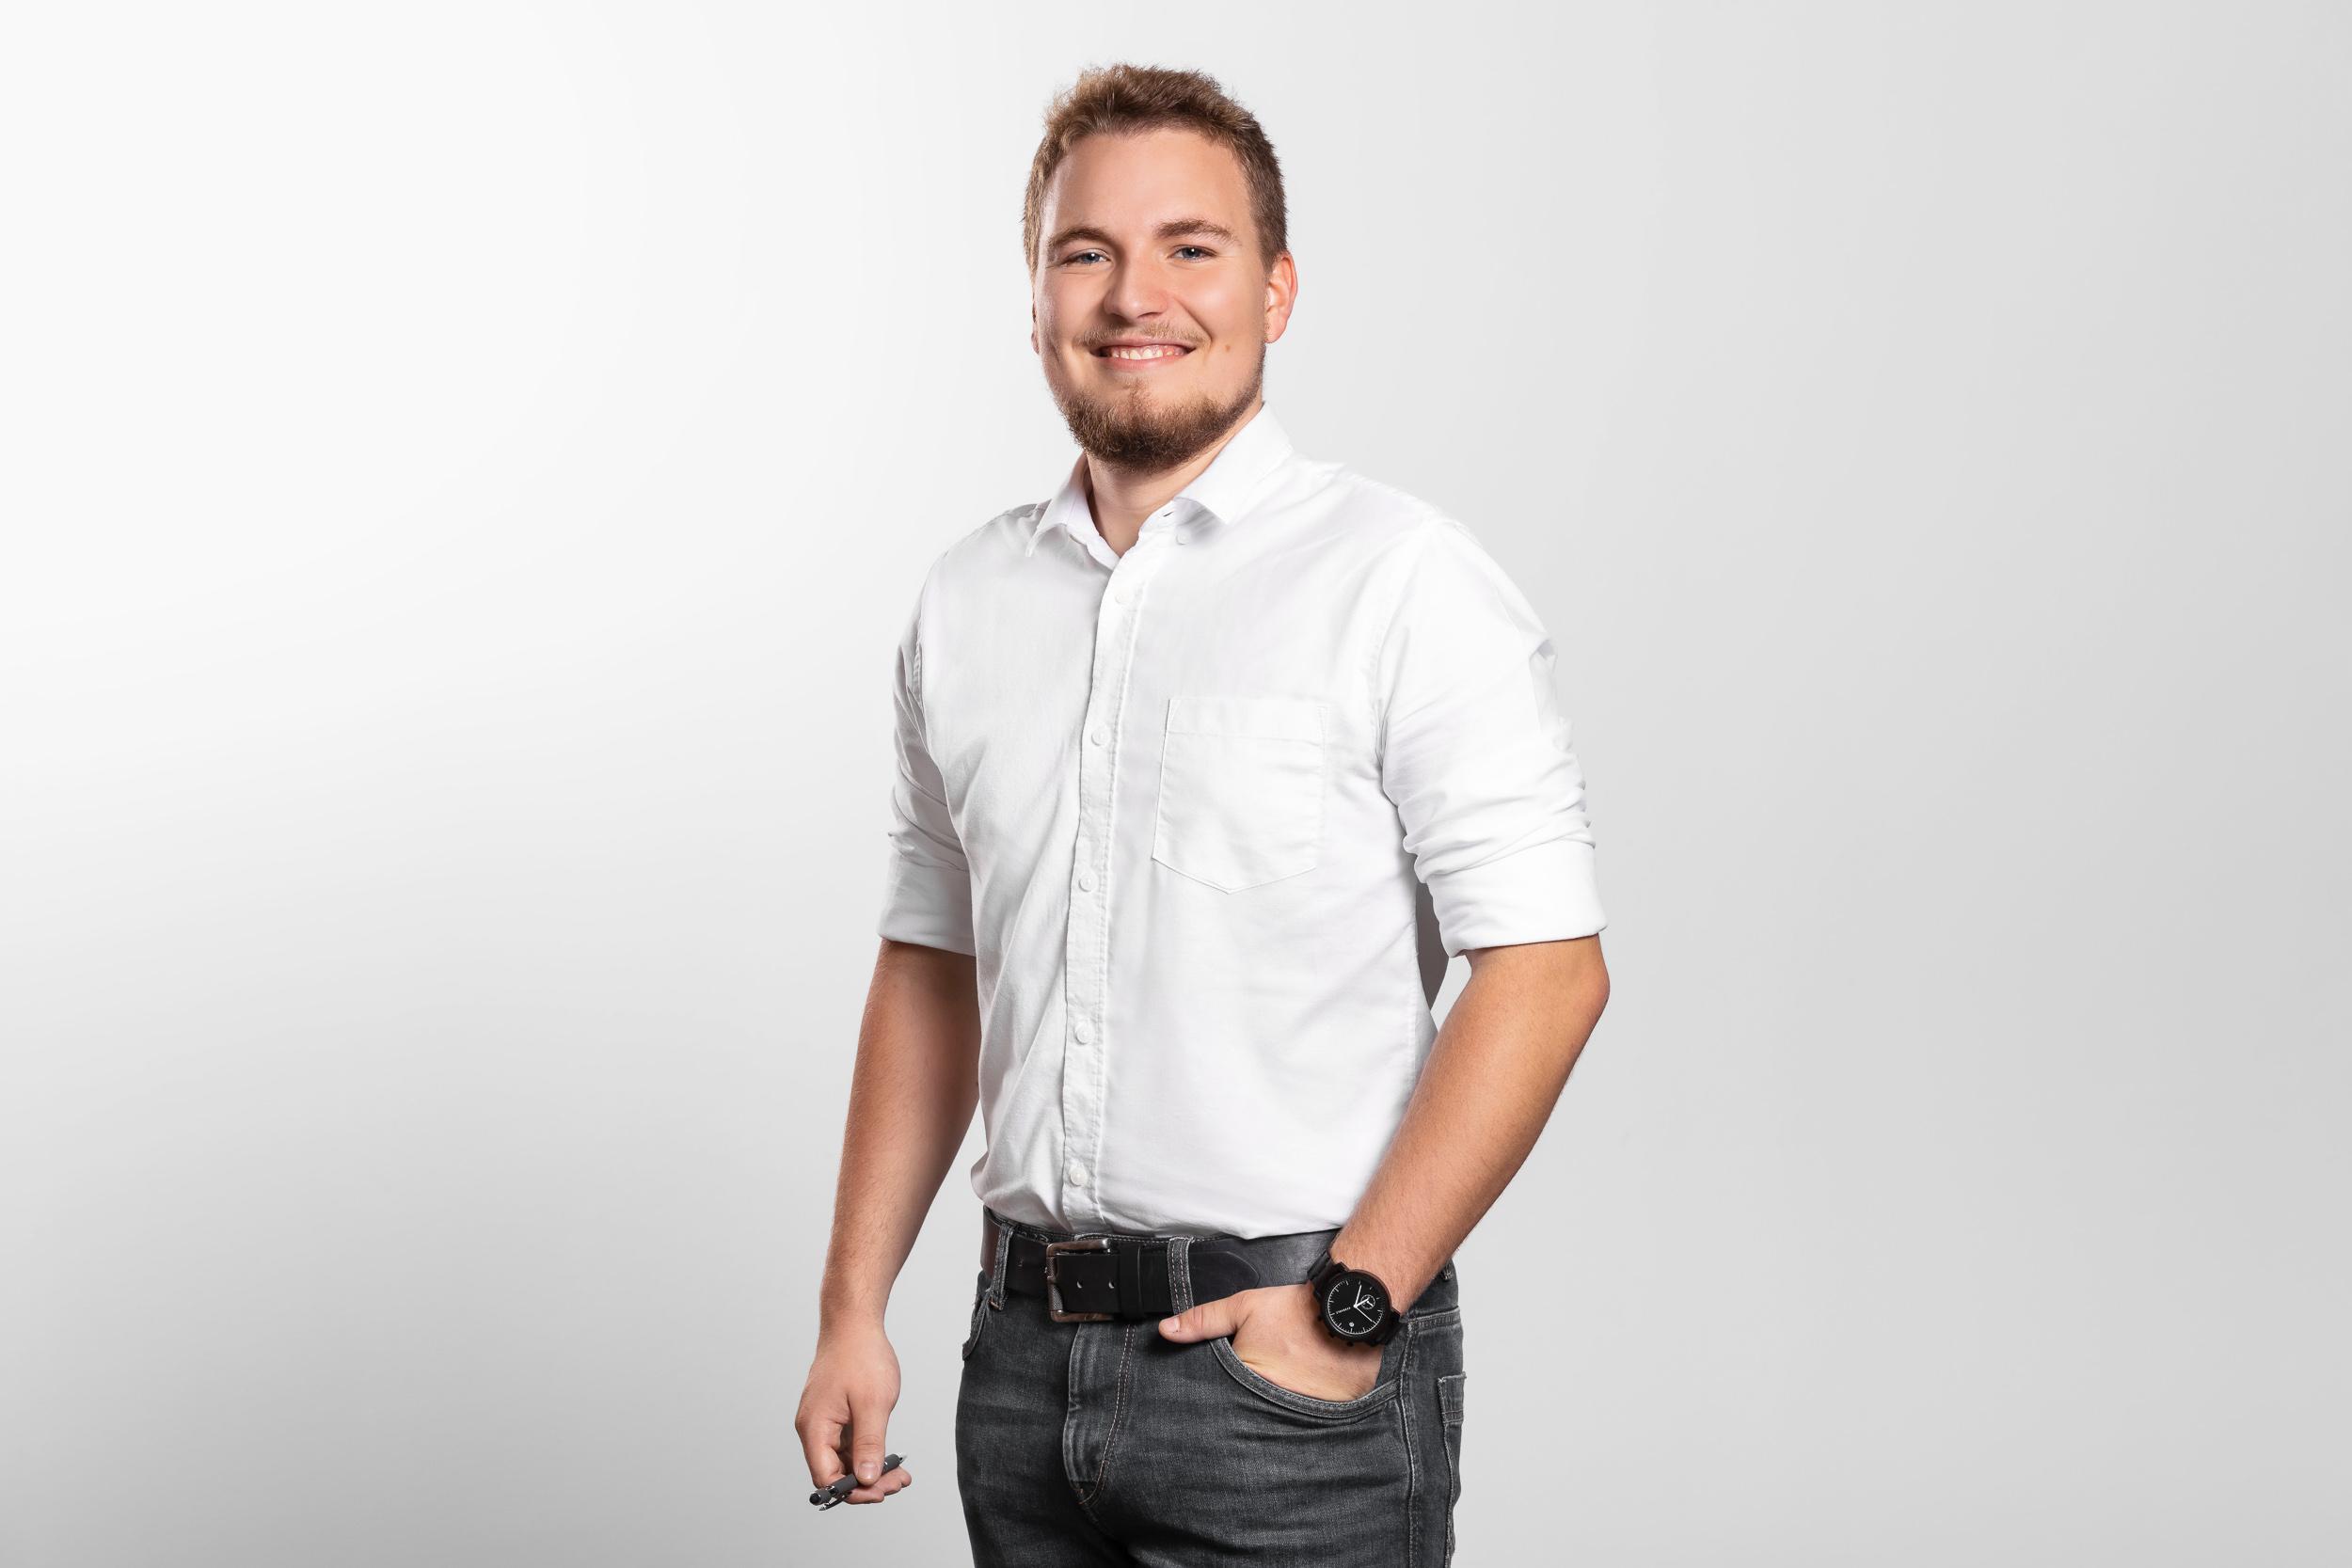 Simon Pongratz